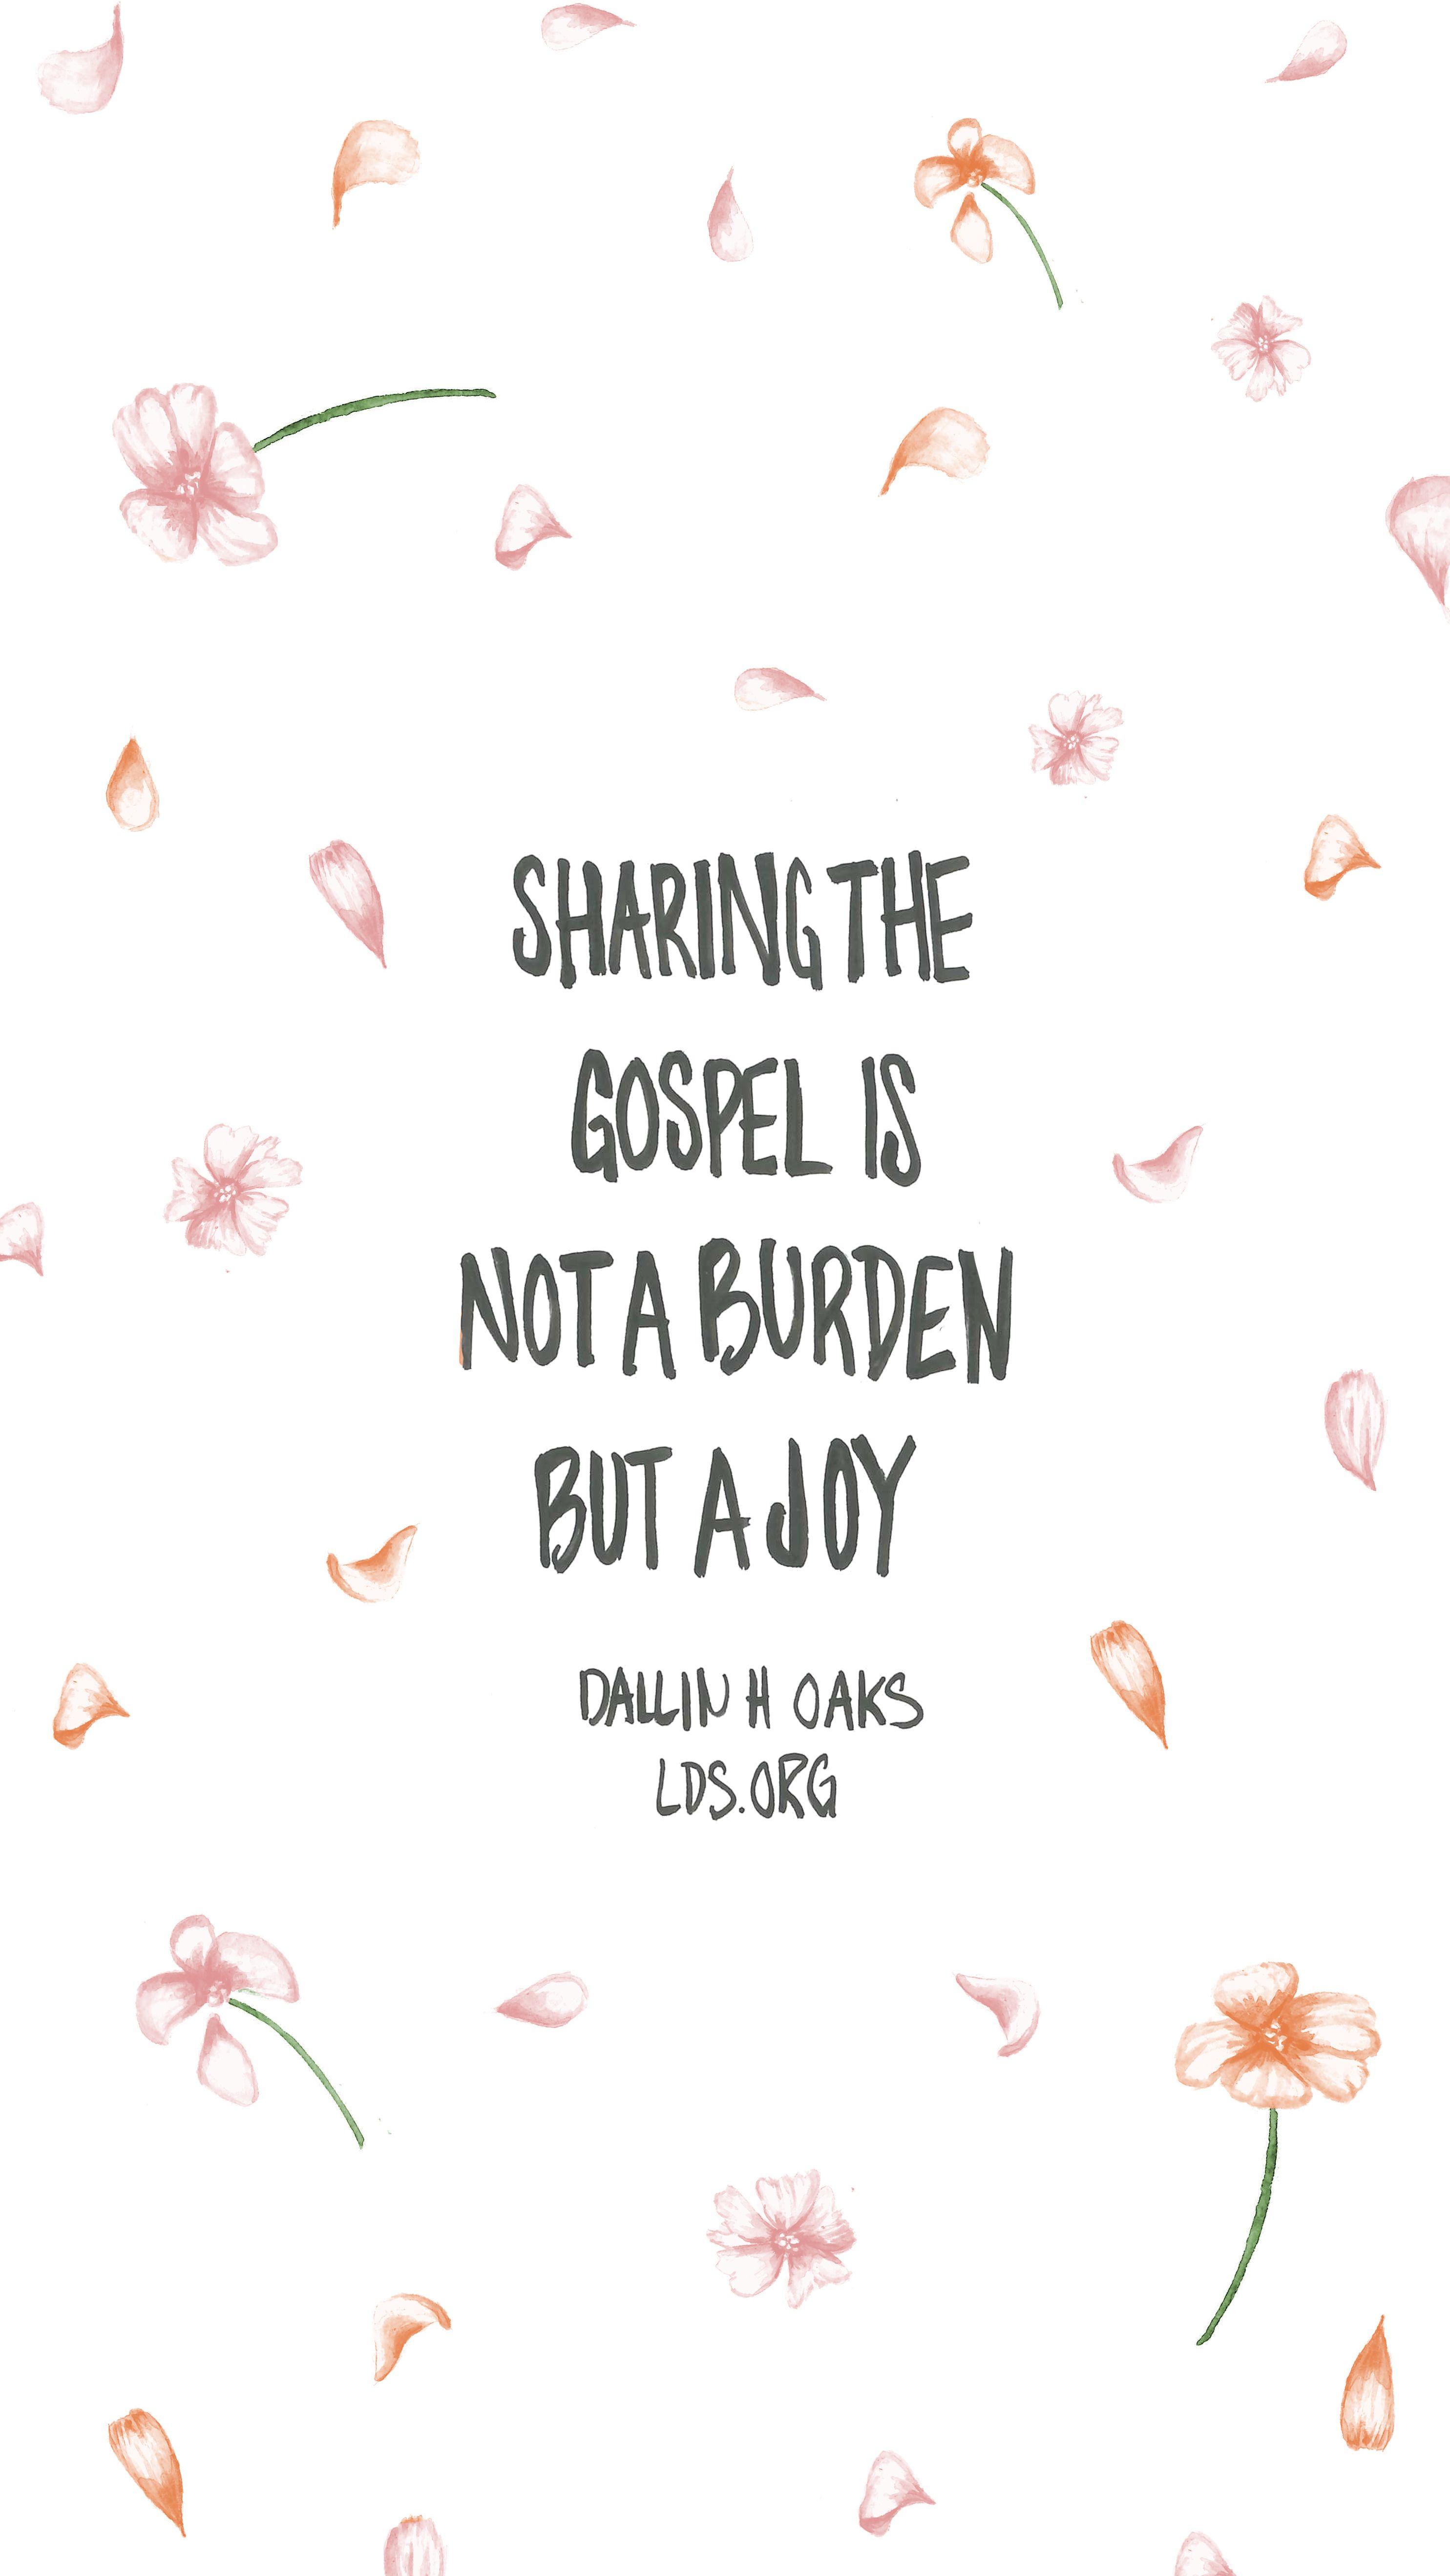 Sharing The Gospel Is Not A Burden But A Joy Dallin H Oaks Lds